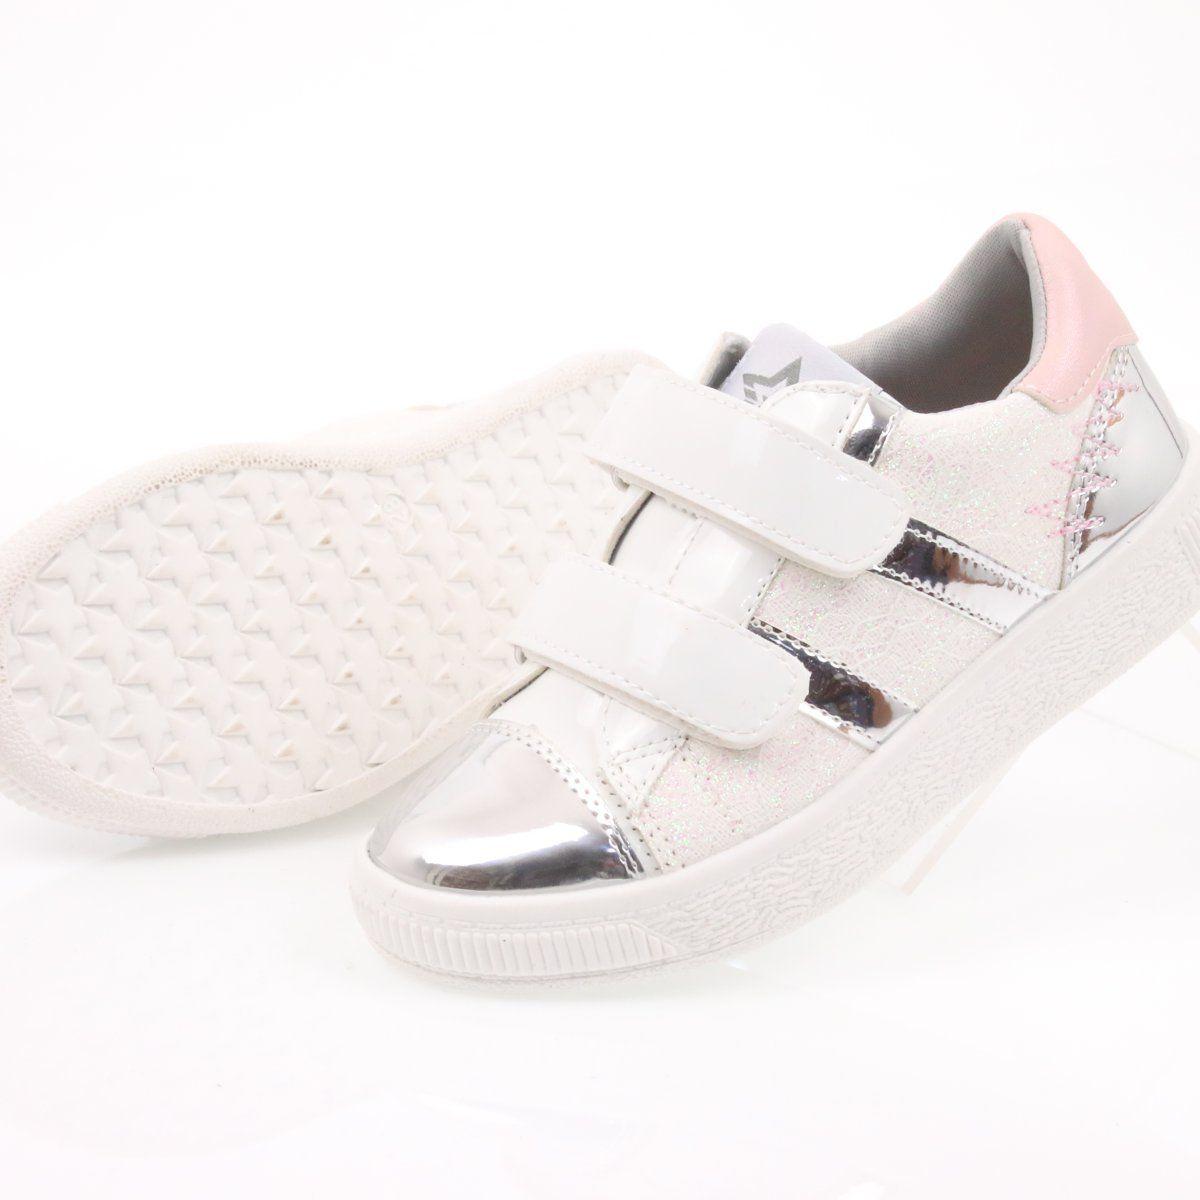 Buty Sportowe Dzieciece Dla Dzieci Americanclub American Club Polbuty Sportowe Trampki American 16699 Baby Shoes Adidas Superstar Sneaker Shoes